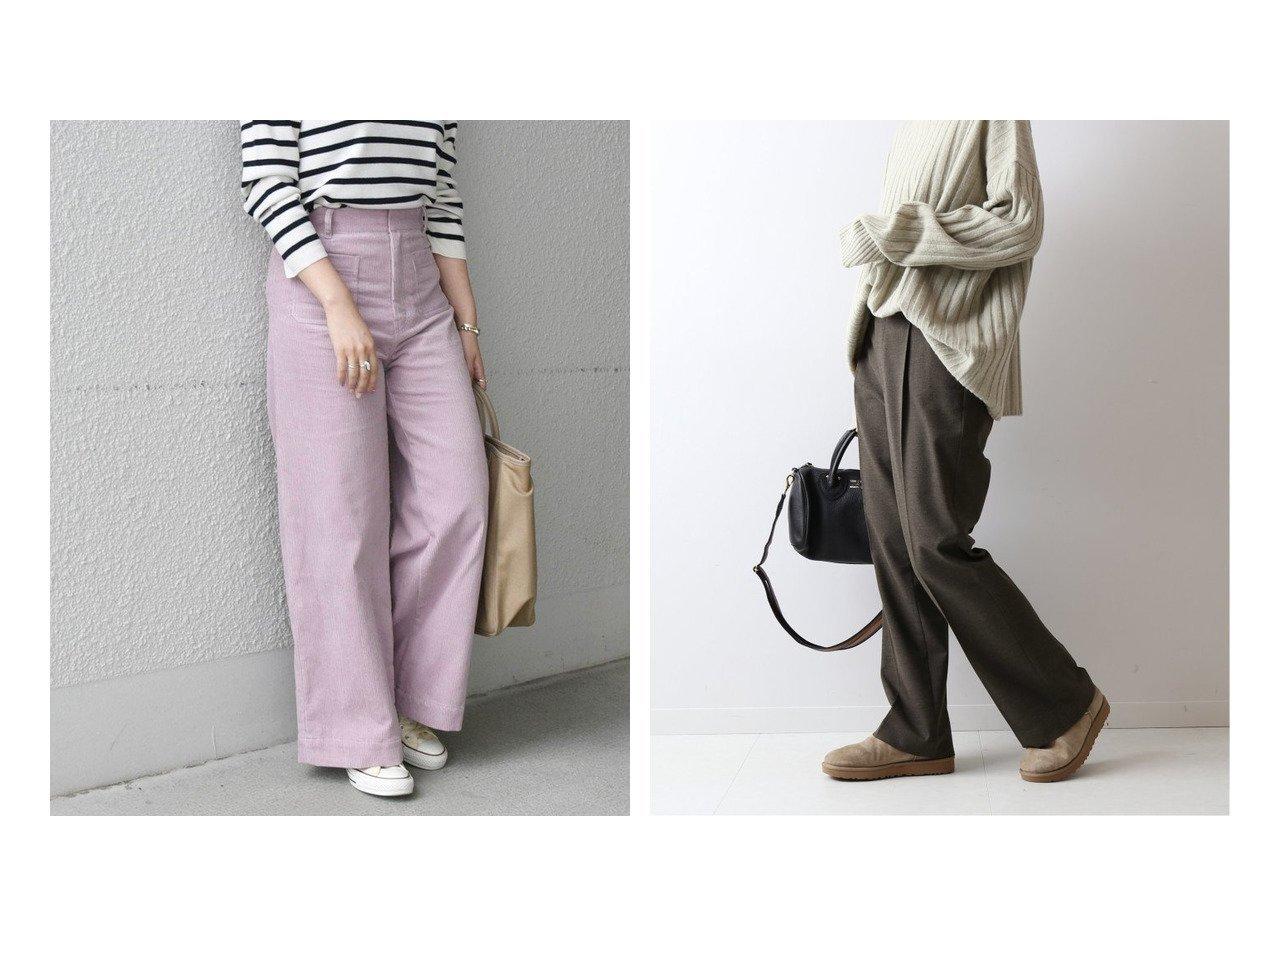 【FRAMeWORK/フレームワーク】の裏起毛ストレッチフレアーパンツ&【SHIPS any/シップス エニィ】のSHIPS any コーデュロイ ポケットパンツ パンツのおすすめ!人気トレンド・レディースファッションの通販 おすすめで人気のファッション通販商品 インテリア・家具・キッズファッション・メンズファッション・レディースファッション・服の通販 founy(ファニー) https://founy.com/ ファッション Fashion レディースファッション WOMEN パンツ Pants コーデュロイ 人気 ポケット A/W 秋冬 Autumn &  Winter なめらか ストレッチ フレア  ID:crp329100000007974